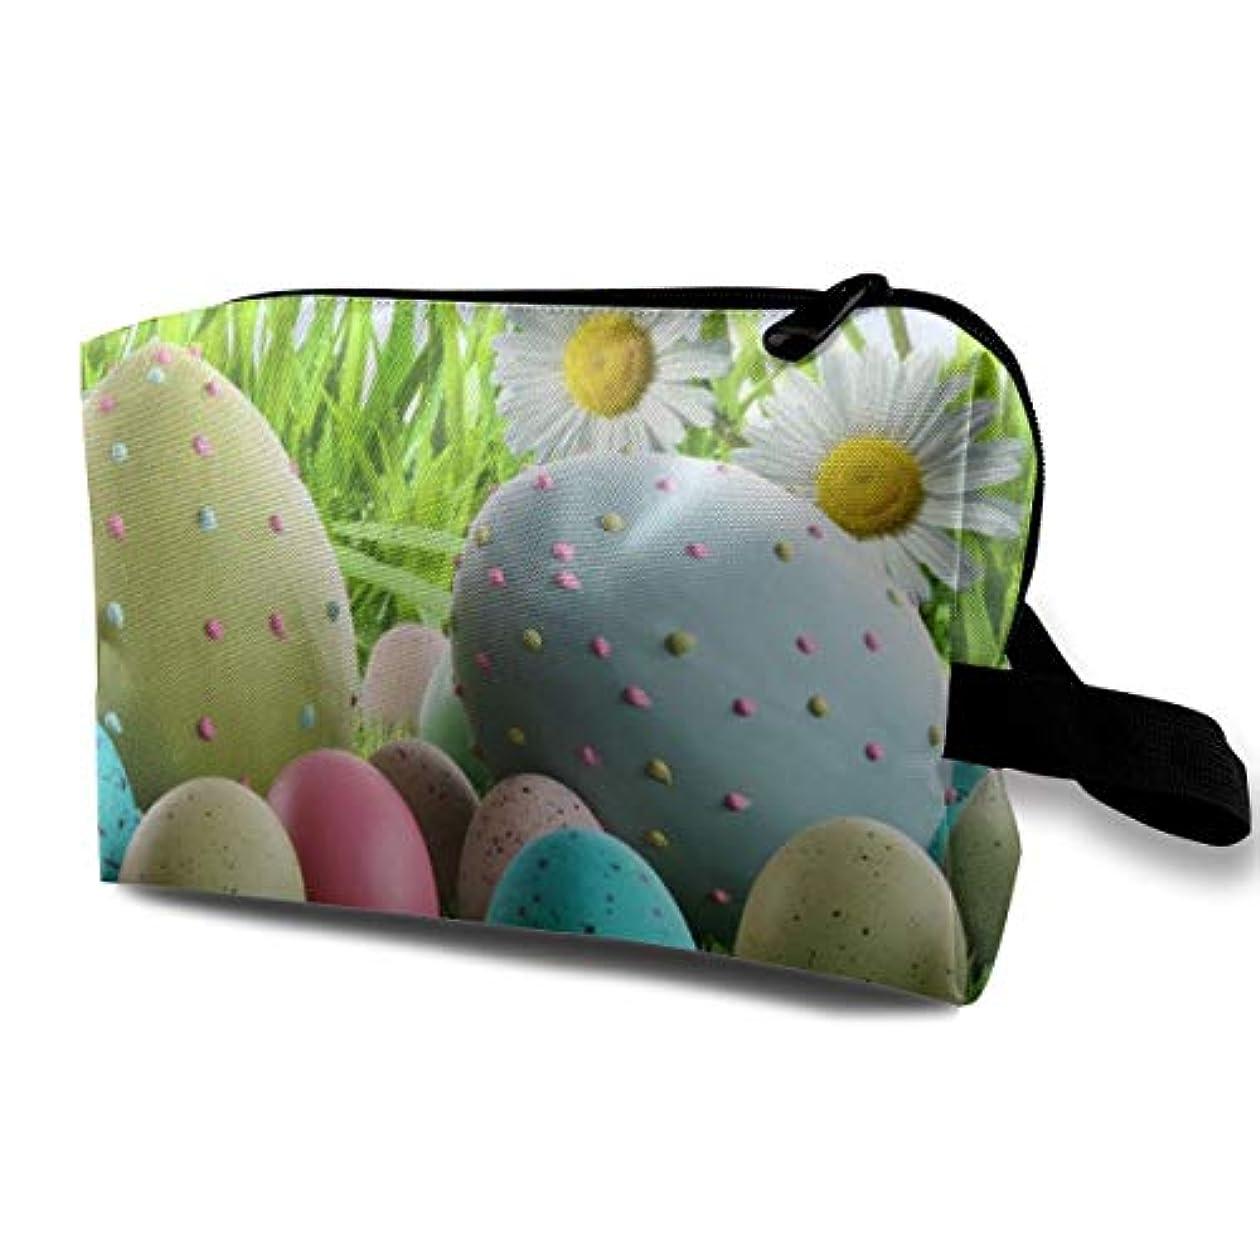 初心者慎重牛Colorfu Easter Eggs In Grass 収納ポーチ 化粧ポーチ 大容量 軽量 耐久性 ハンドル付持ち運び便利。入れ 自宅?出張?旅行?アウトドア撮影などに対応。メンズ レディース トラベルグッズ